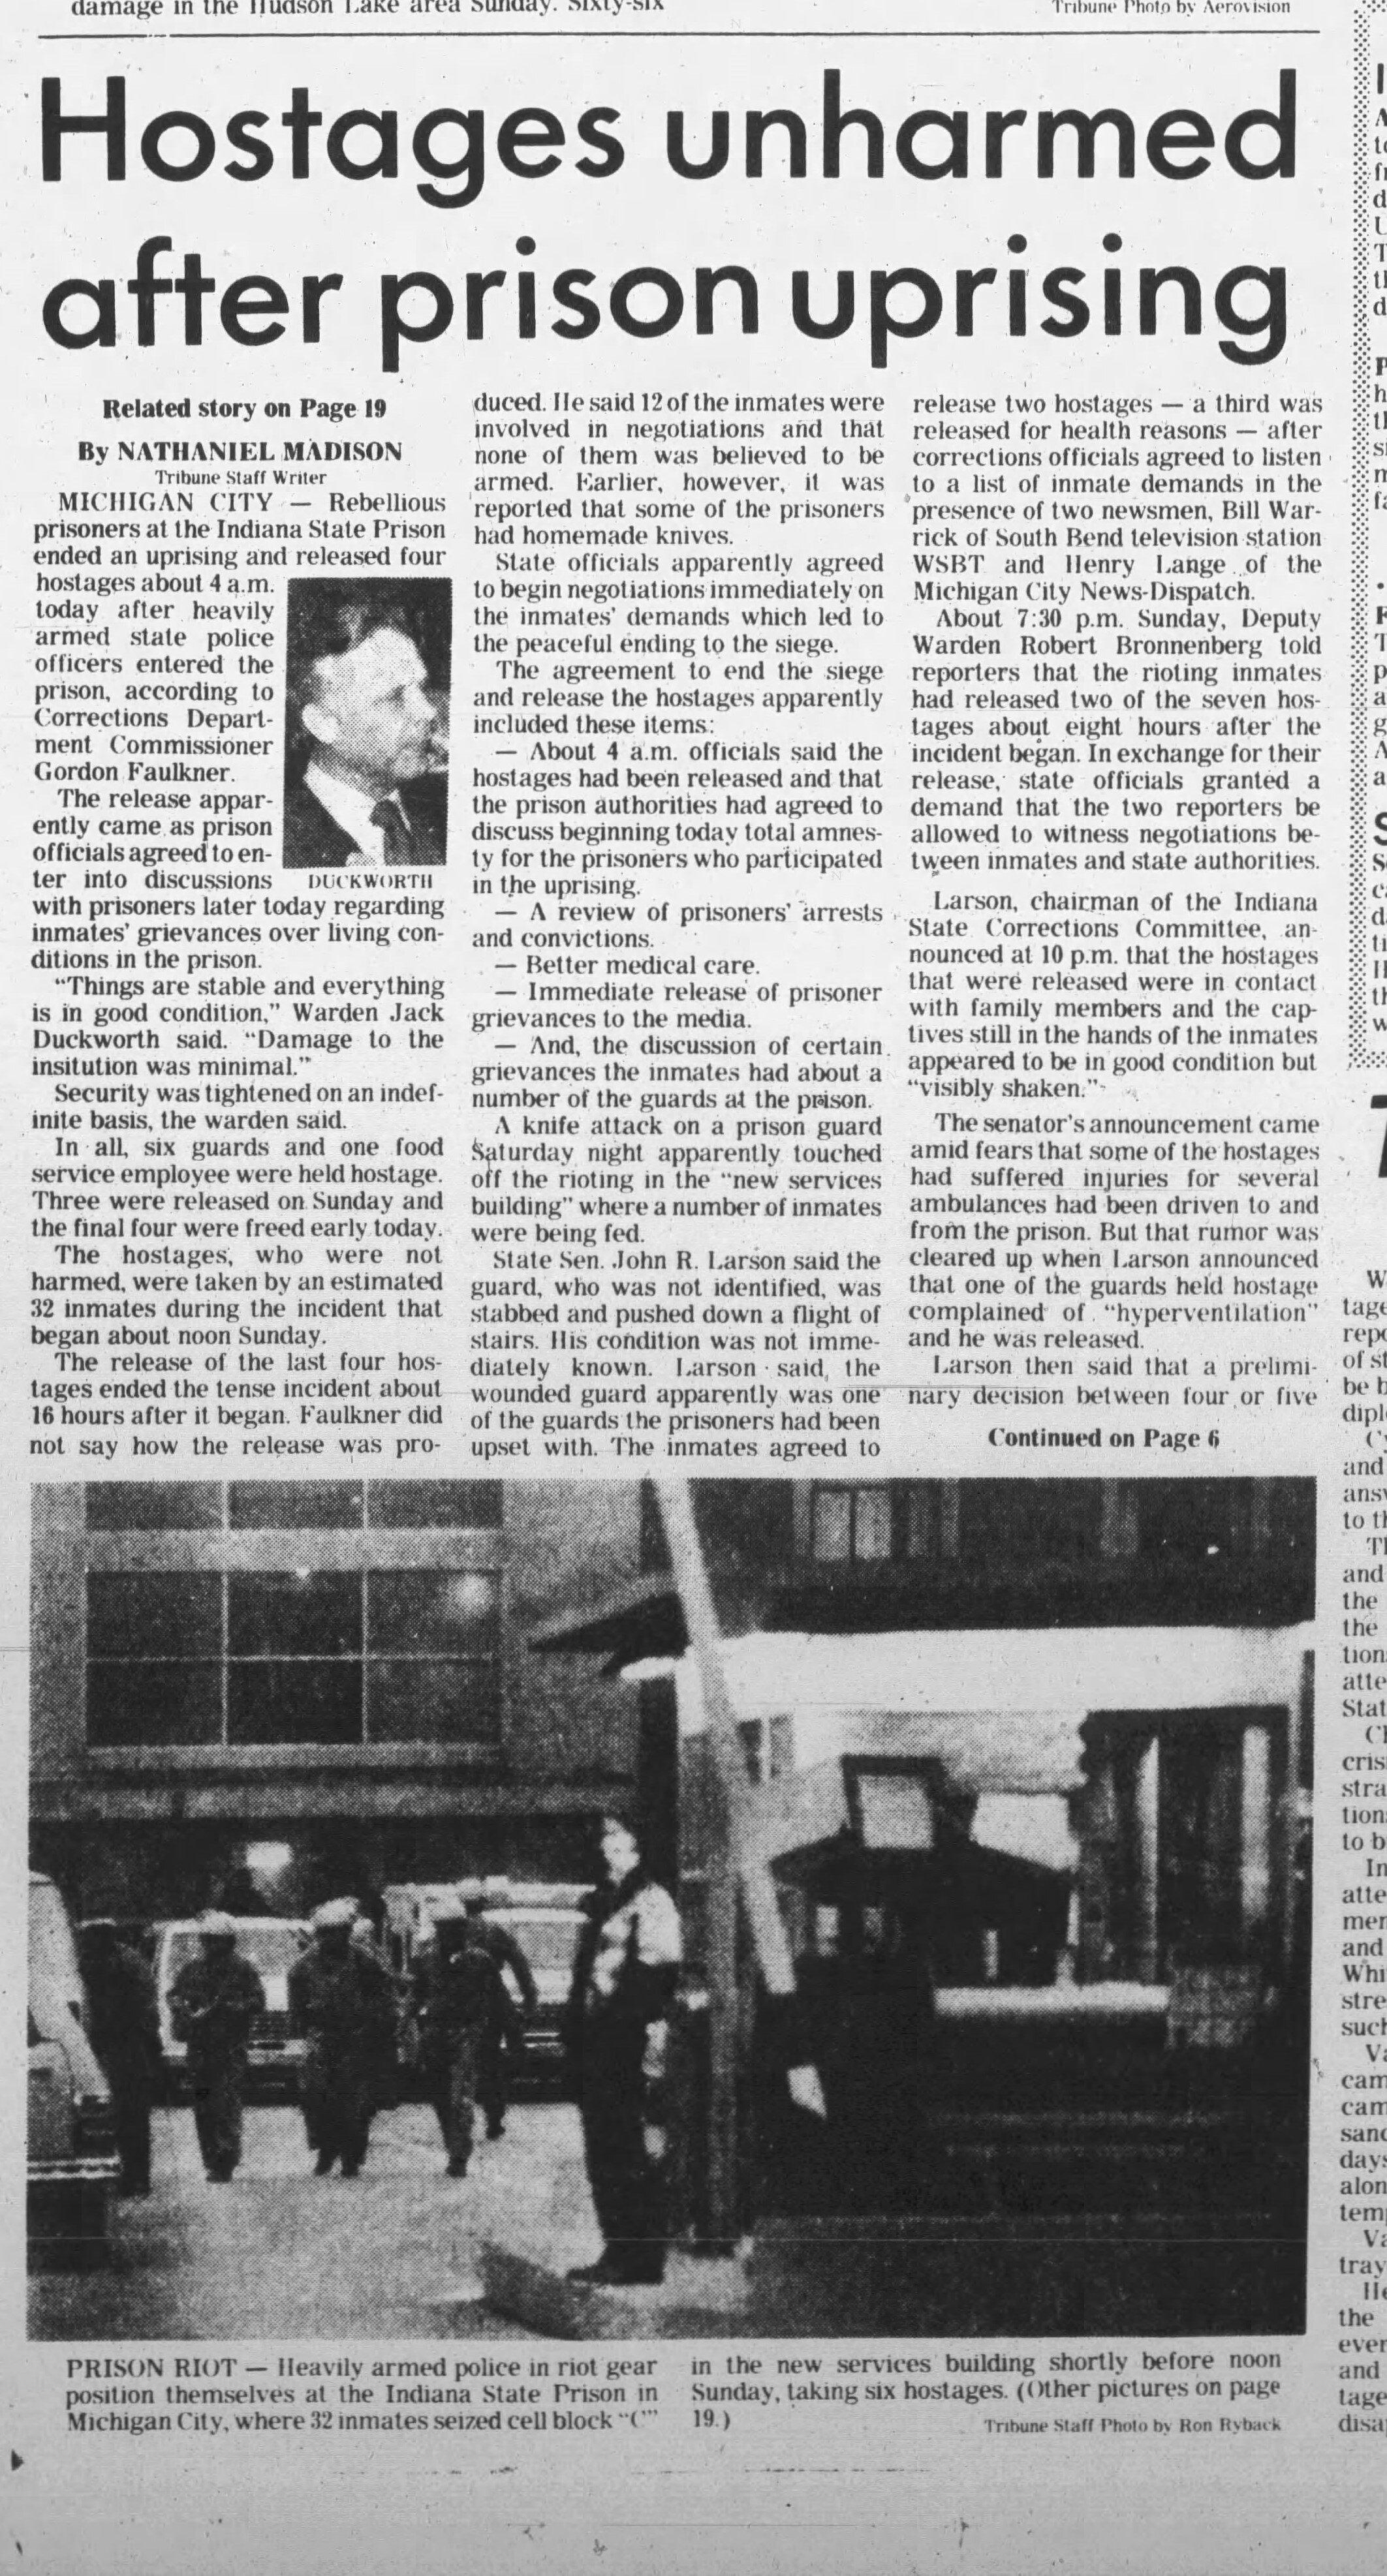 The_South_Bend_Tribune_Mon__Apr_28__1980_1.jpg